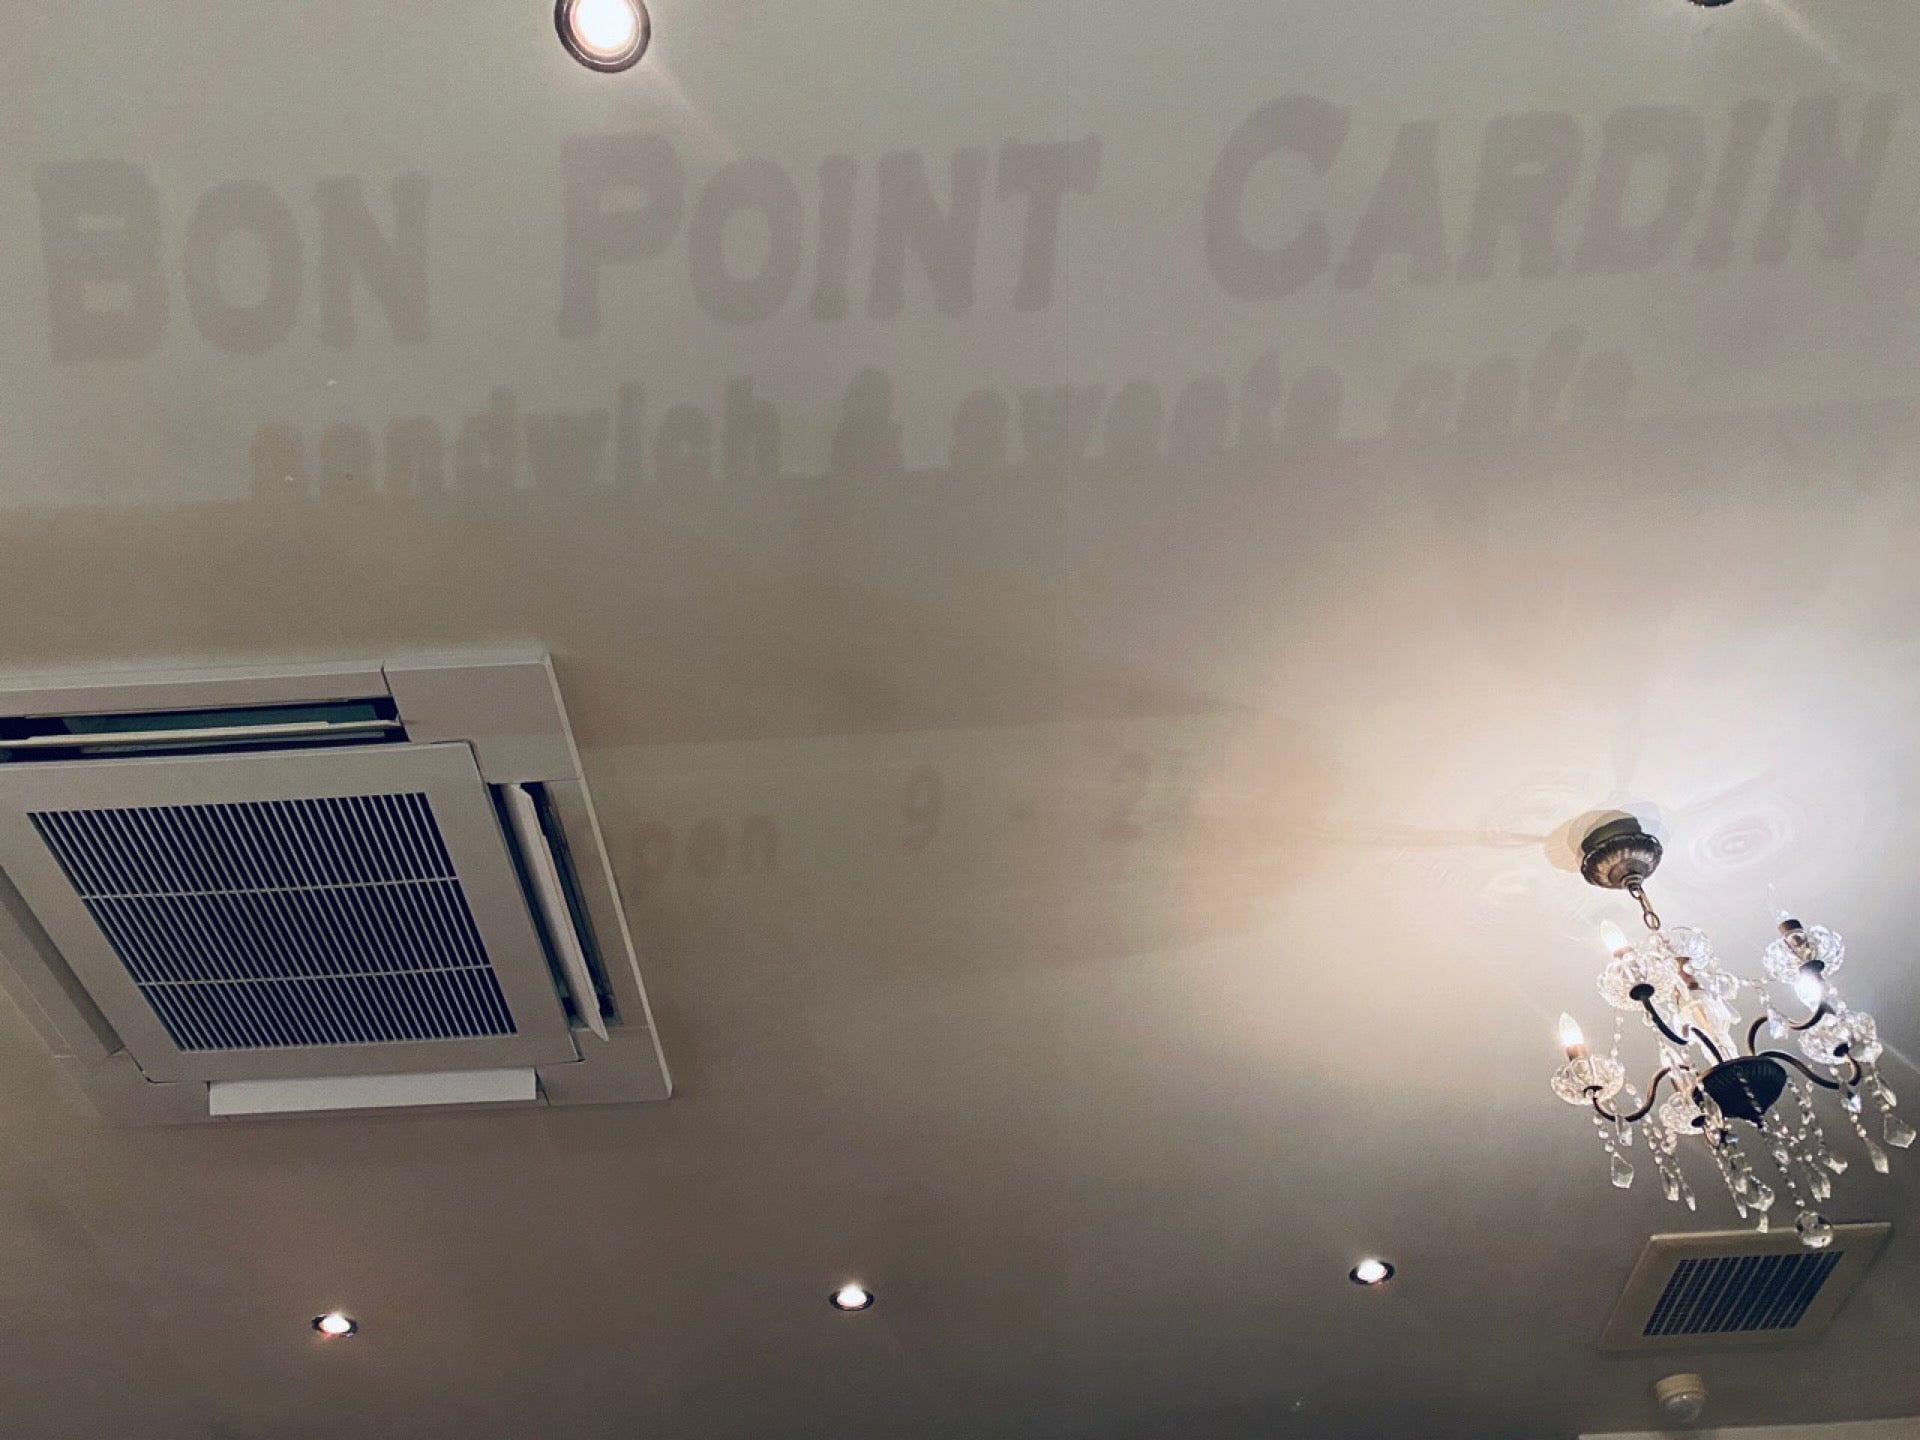 偶然なのか、窓に書いてある文字が外灯に照らされて天井に浮かび上がる。 (@ ボン・ポアン・カルダン in 岩倉市, 愛知県) https://t.co/e0aSs4k1hl https://t.co/qFLNvlrHZd